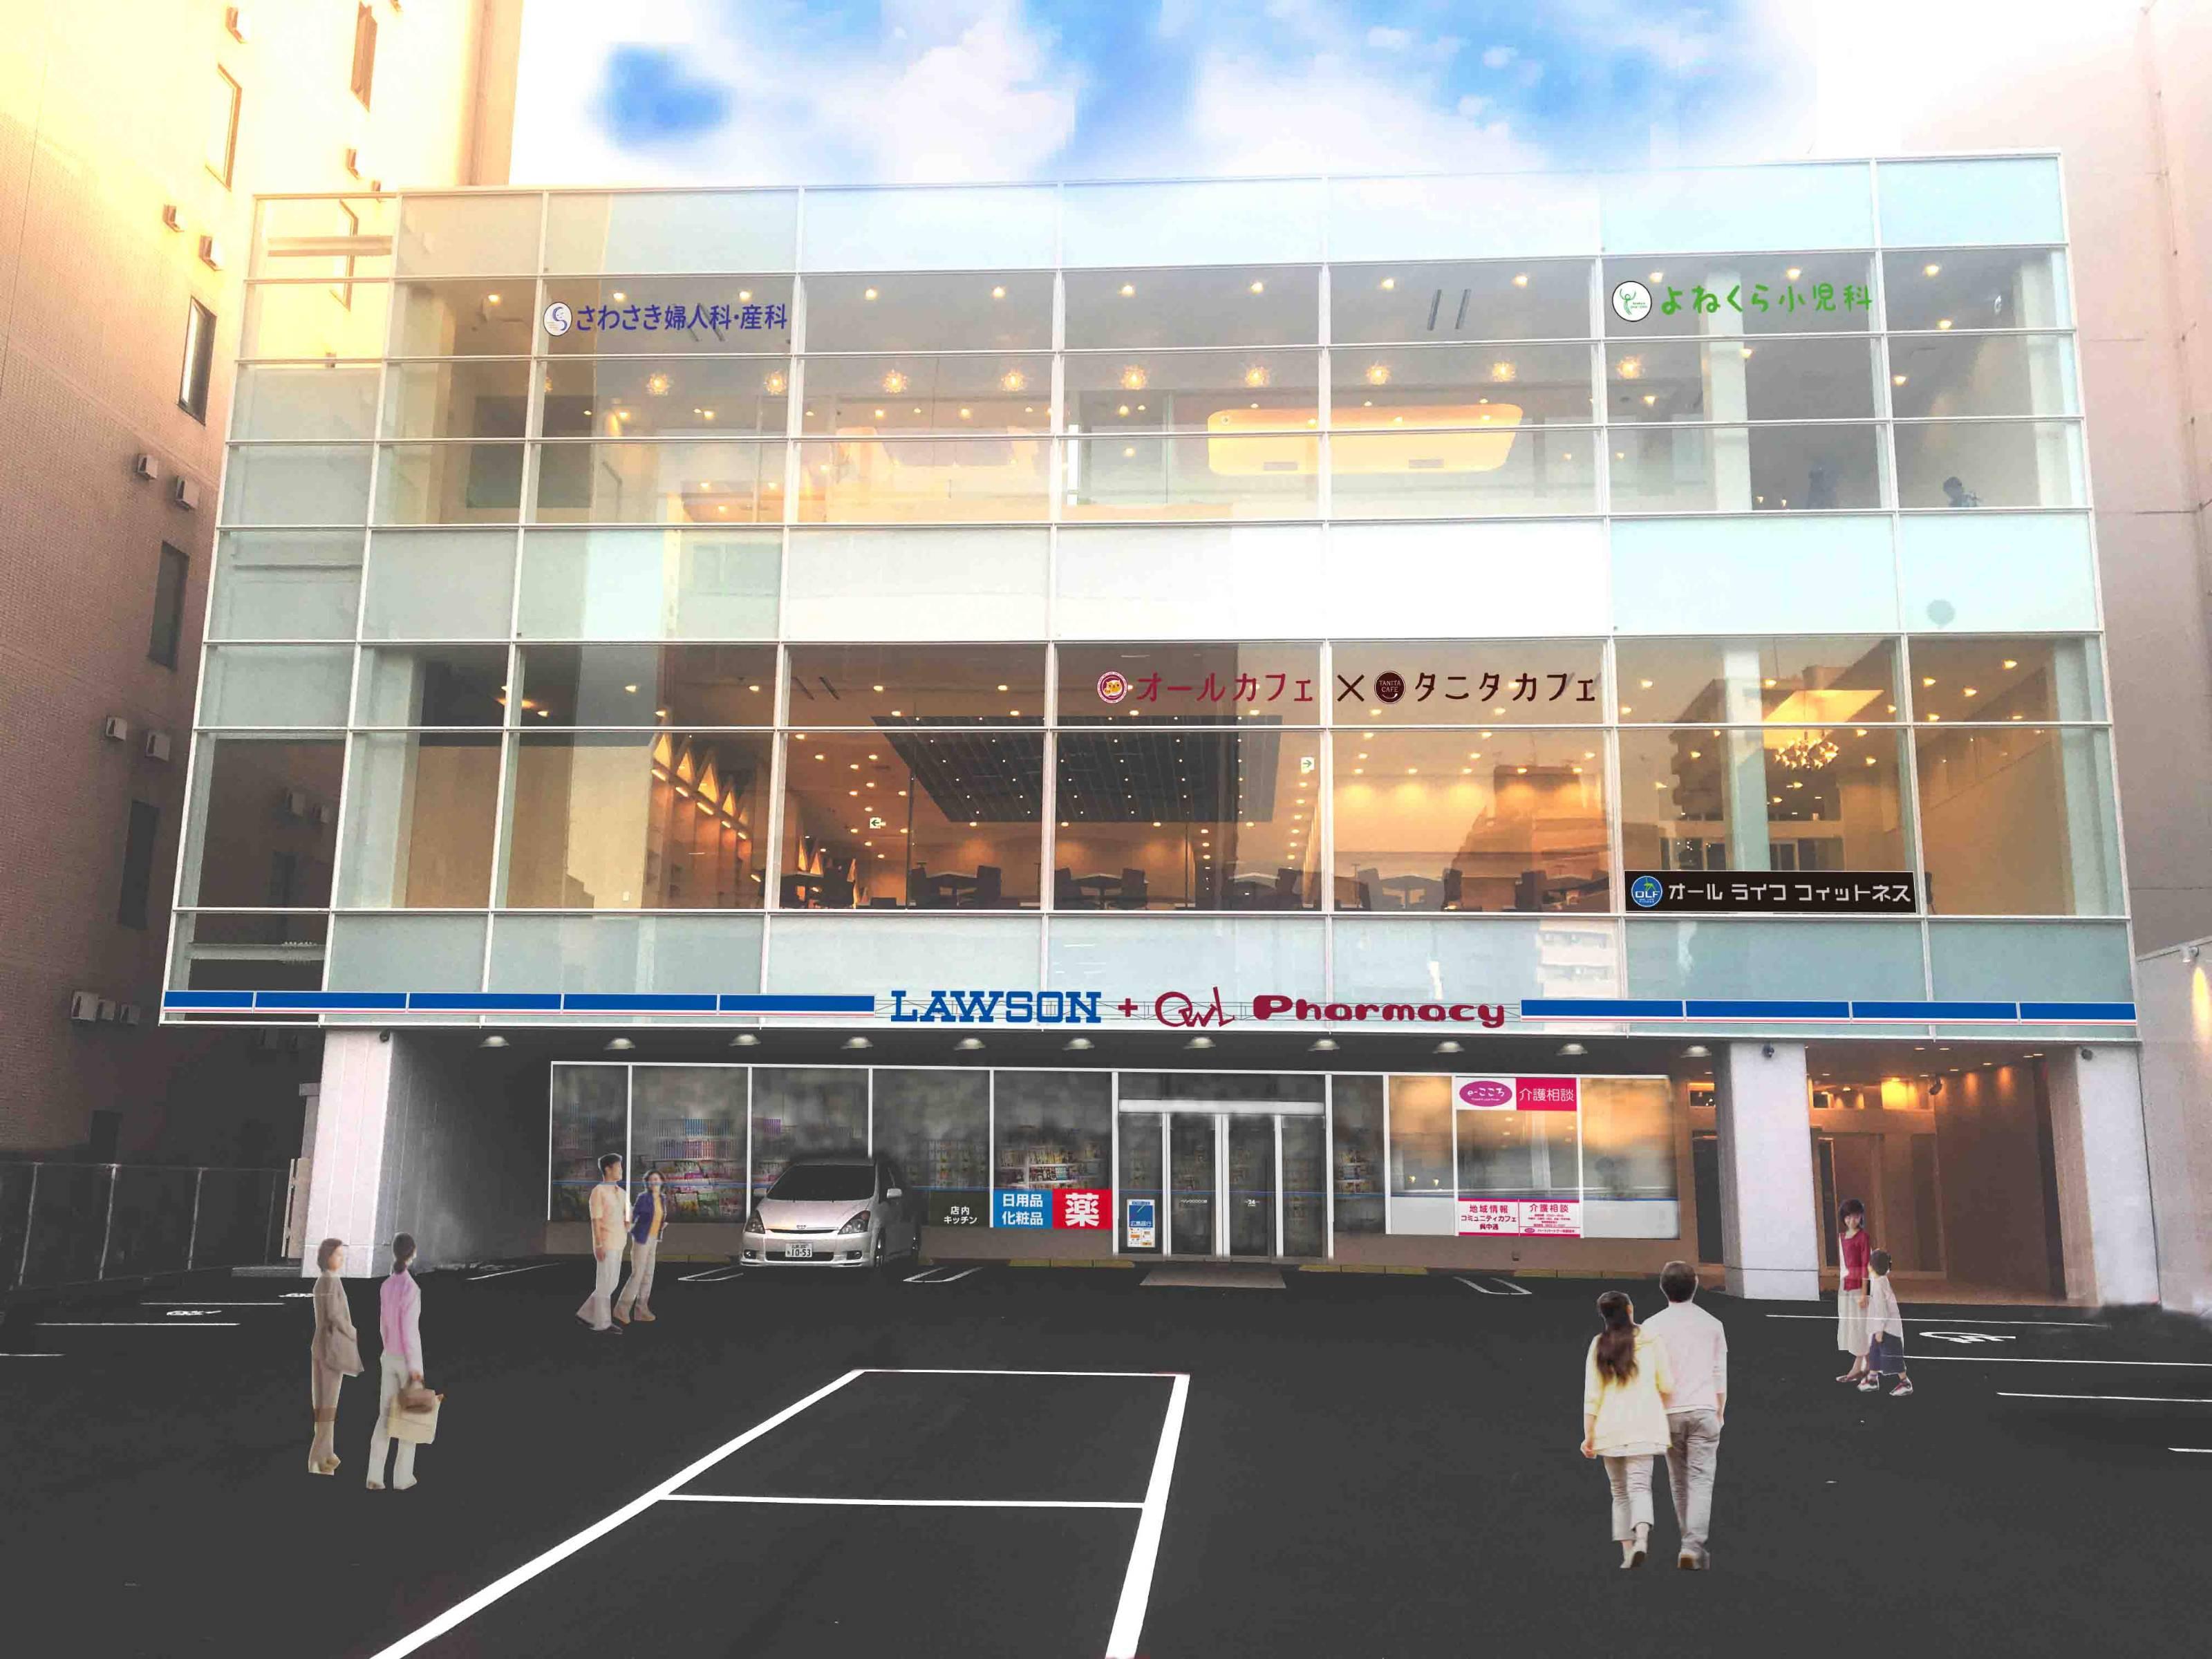 ローソン オールファーマシー呉中通店(マイライフ株式会社)